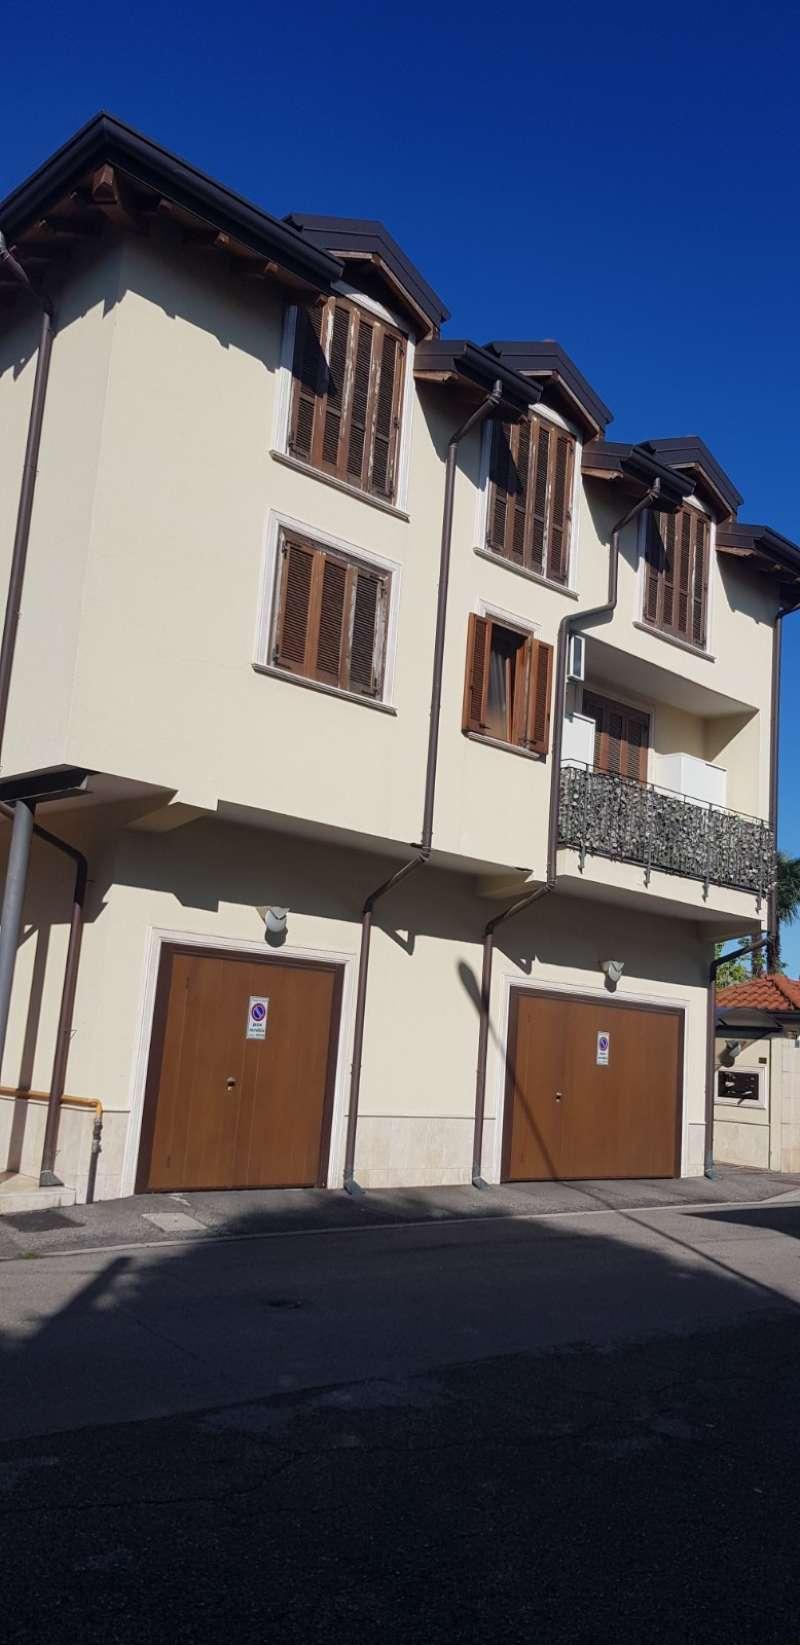 Appartamento in vendita a Desio, 2 locali, prezzo € 125.000 | PortaleAgenzieImmobiliari.it